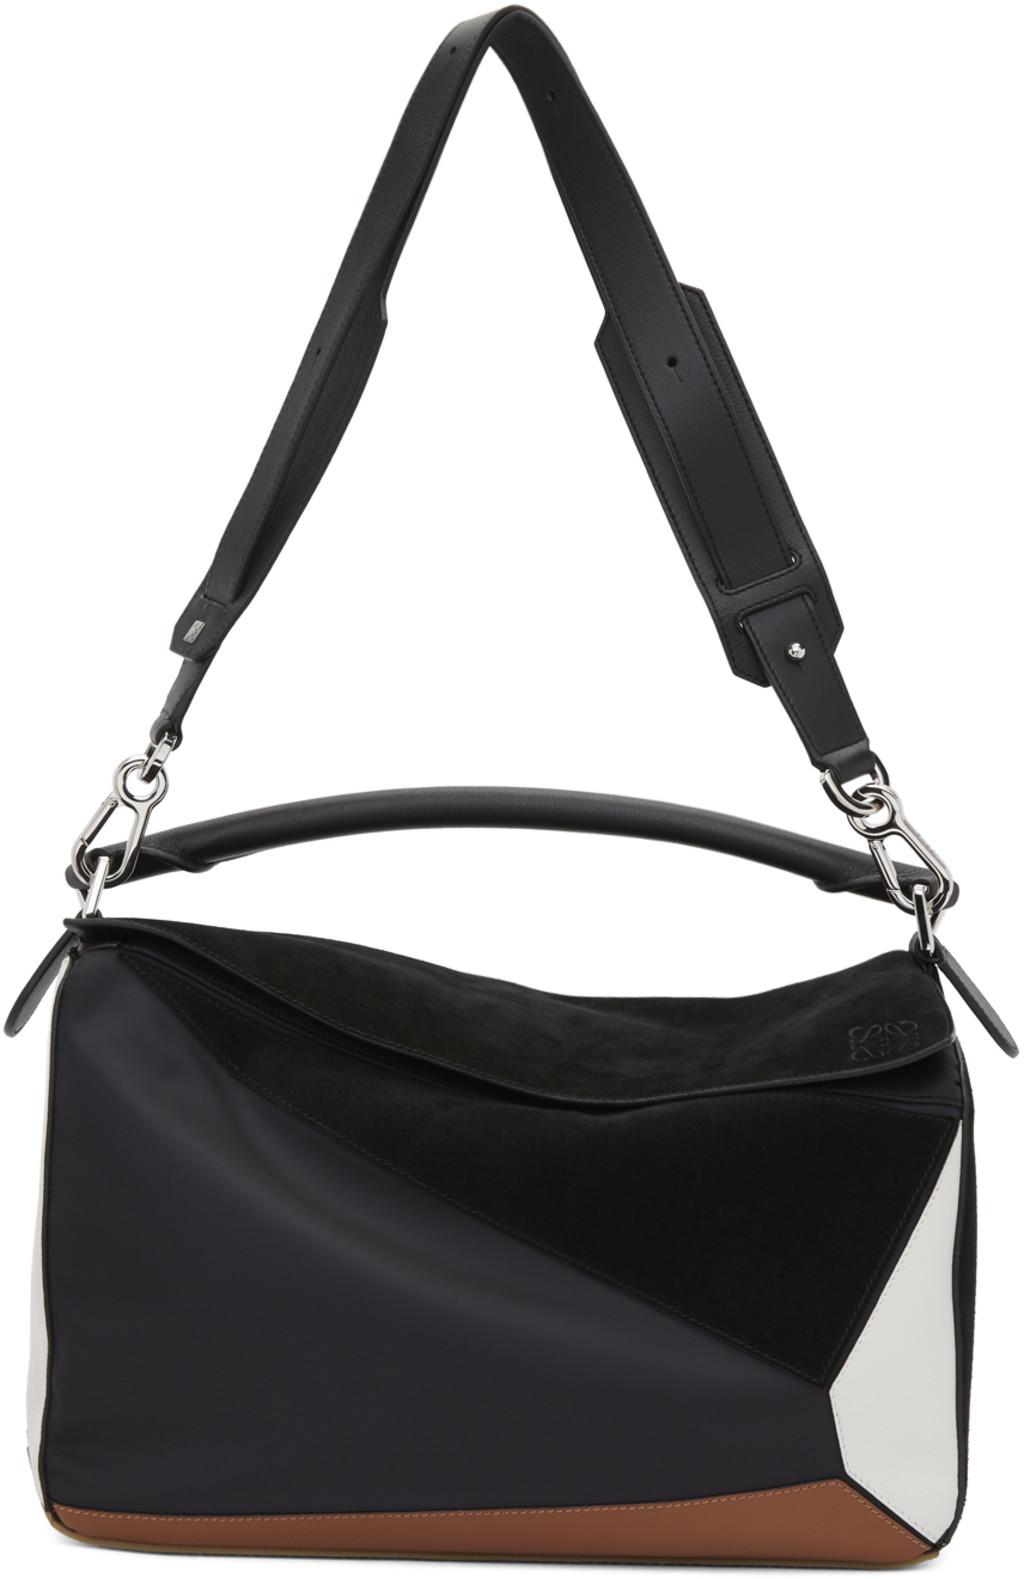 e8e28cf9c4d Black Large Puzzle Trainers Bag